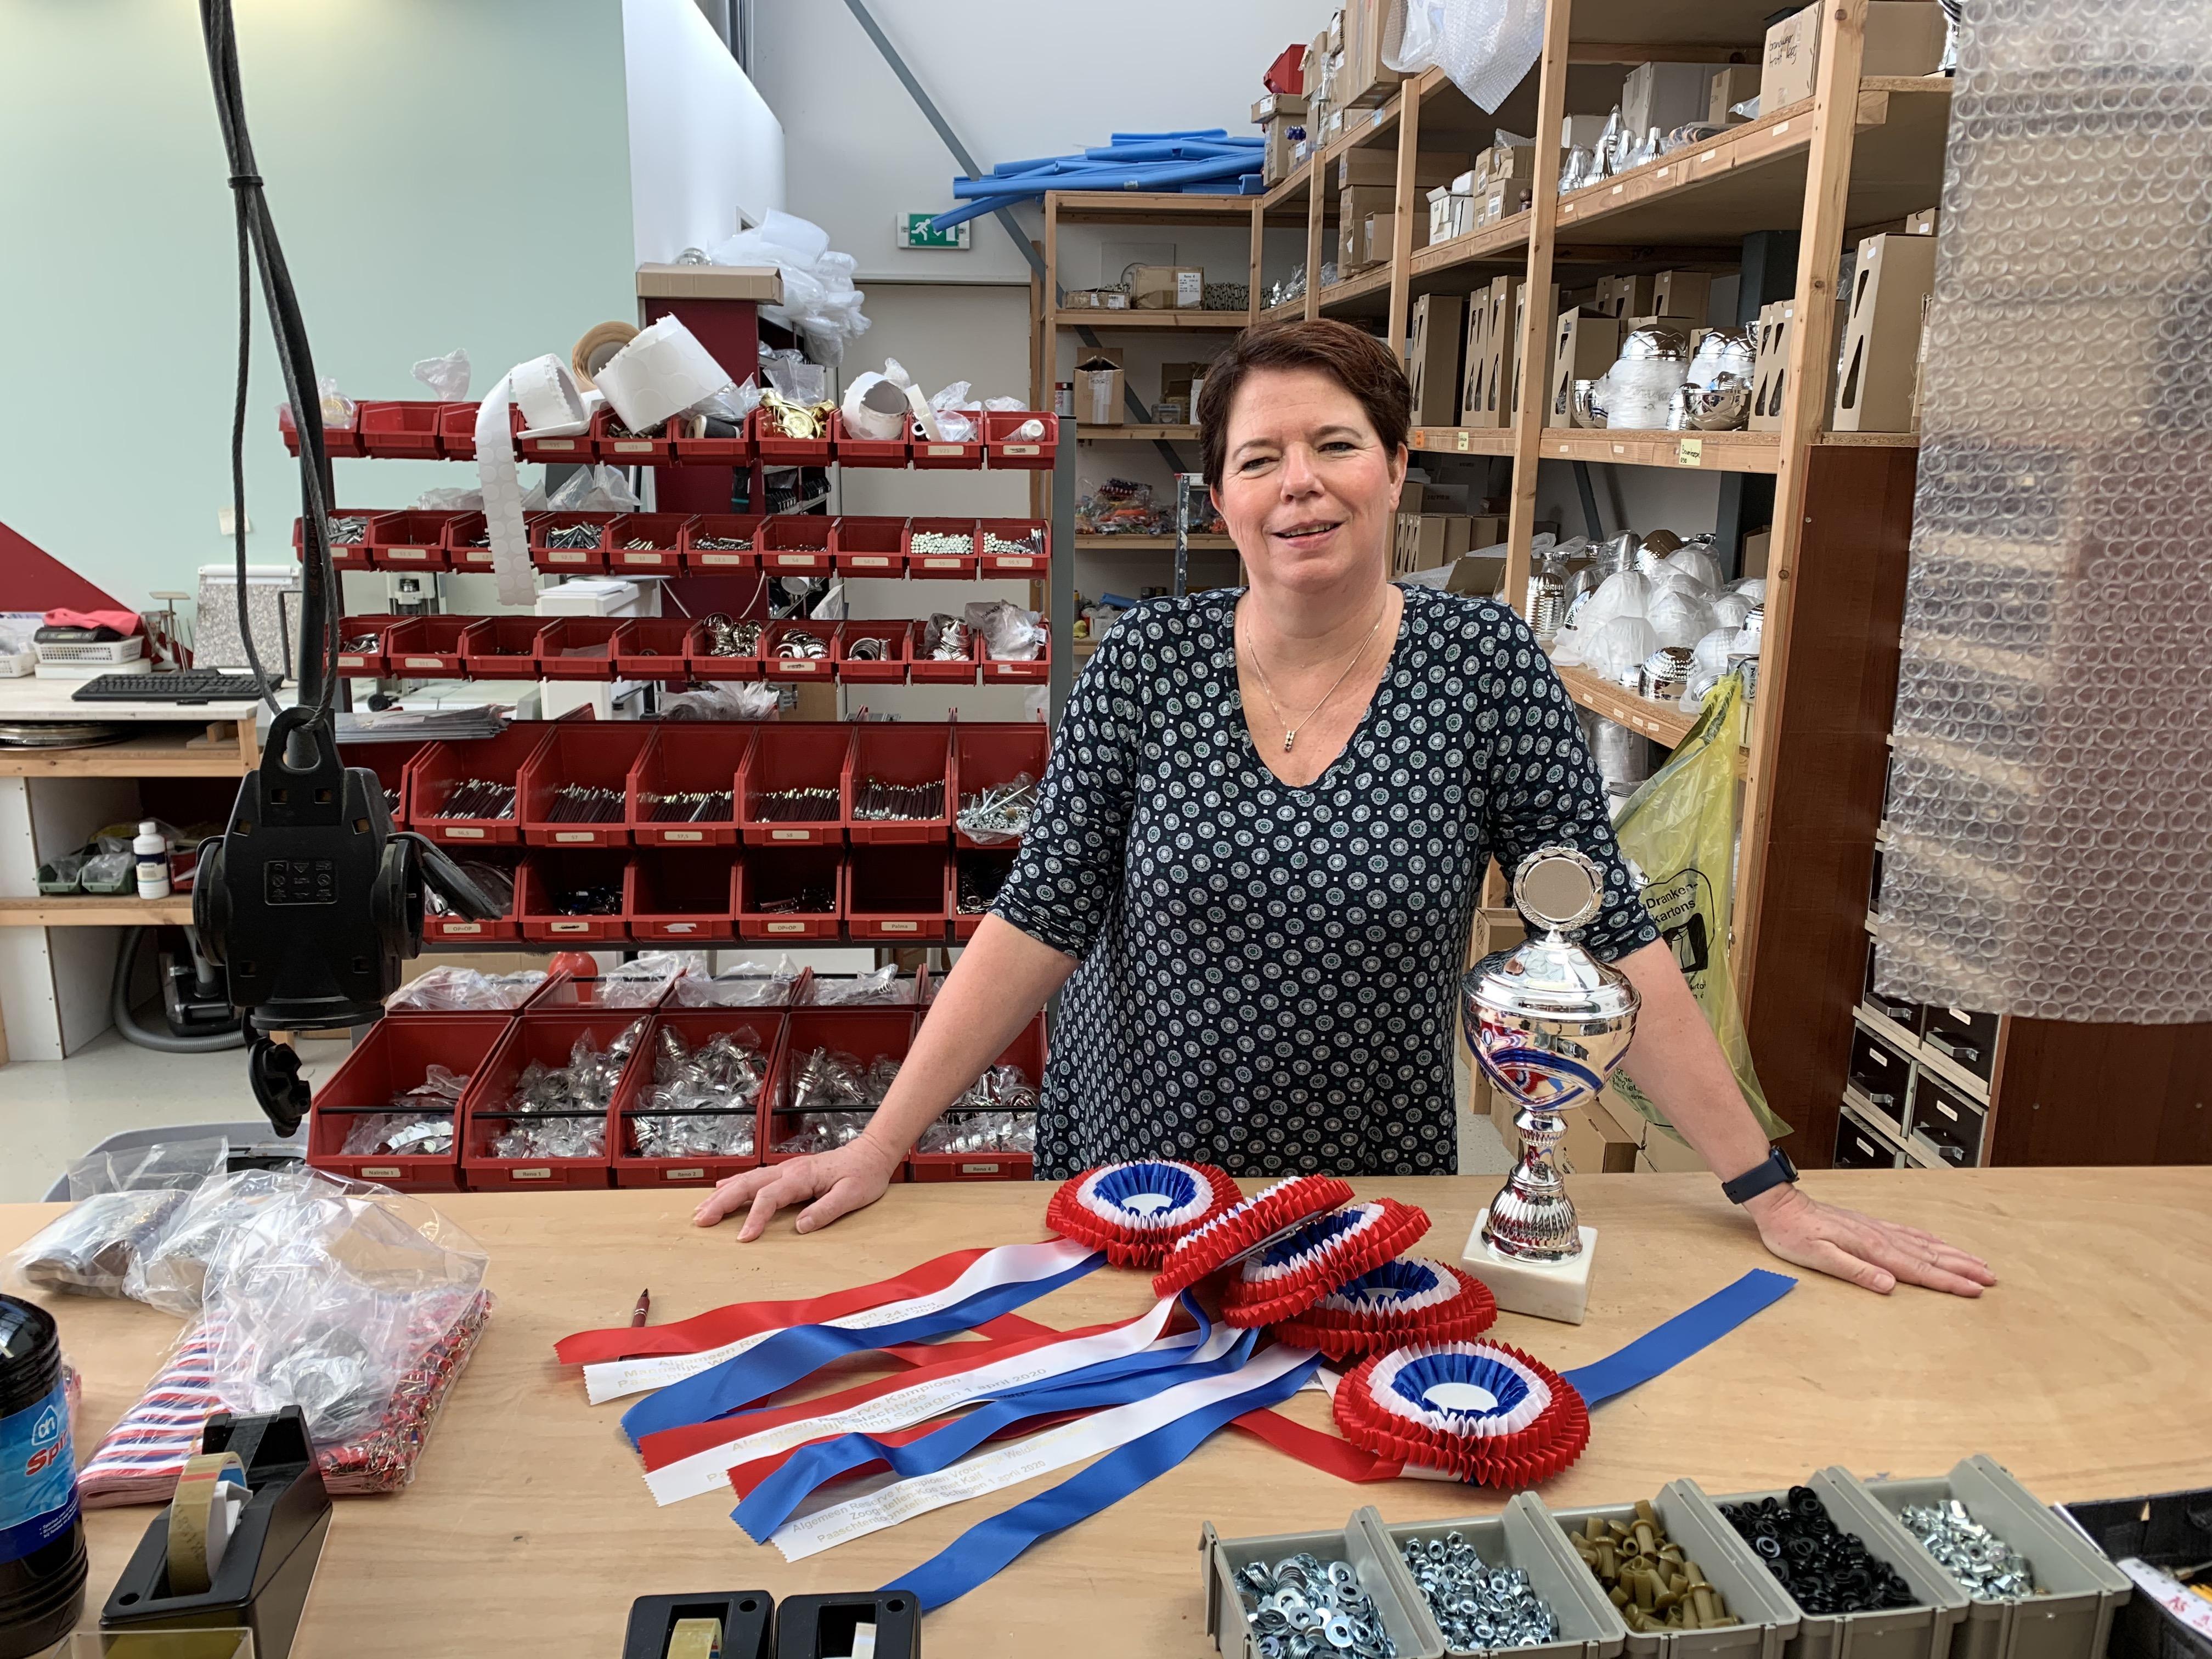 Verkoop van vaantjes, medailles, schalen en bokalen volledig ingestort bij Kuiper Sportprijzen in Opmeer: 'De beker moet he-le-maal leeg!'